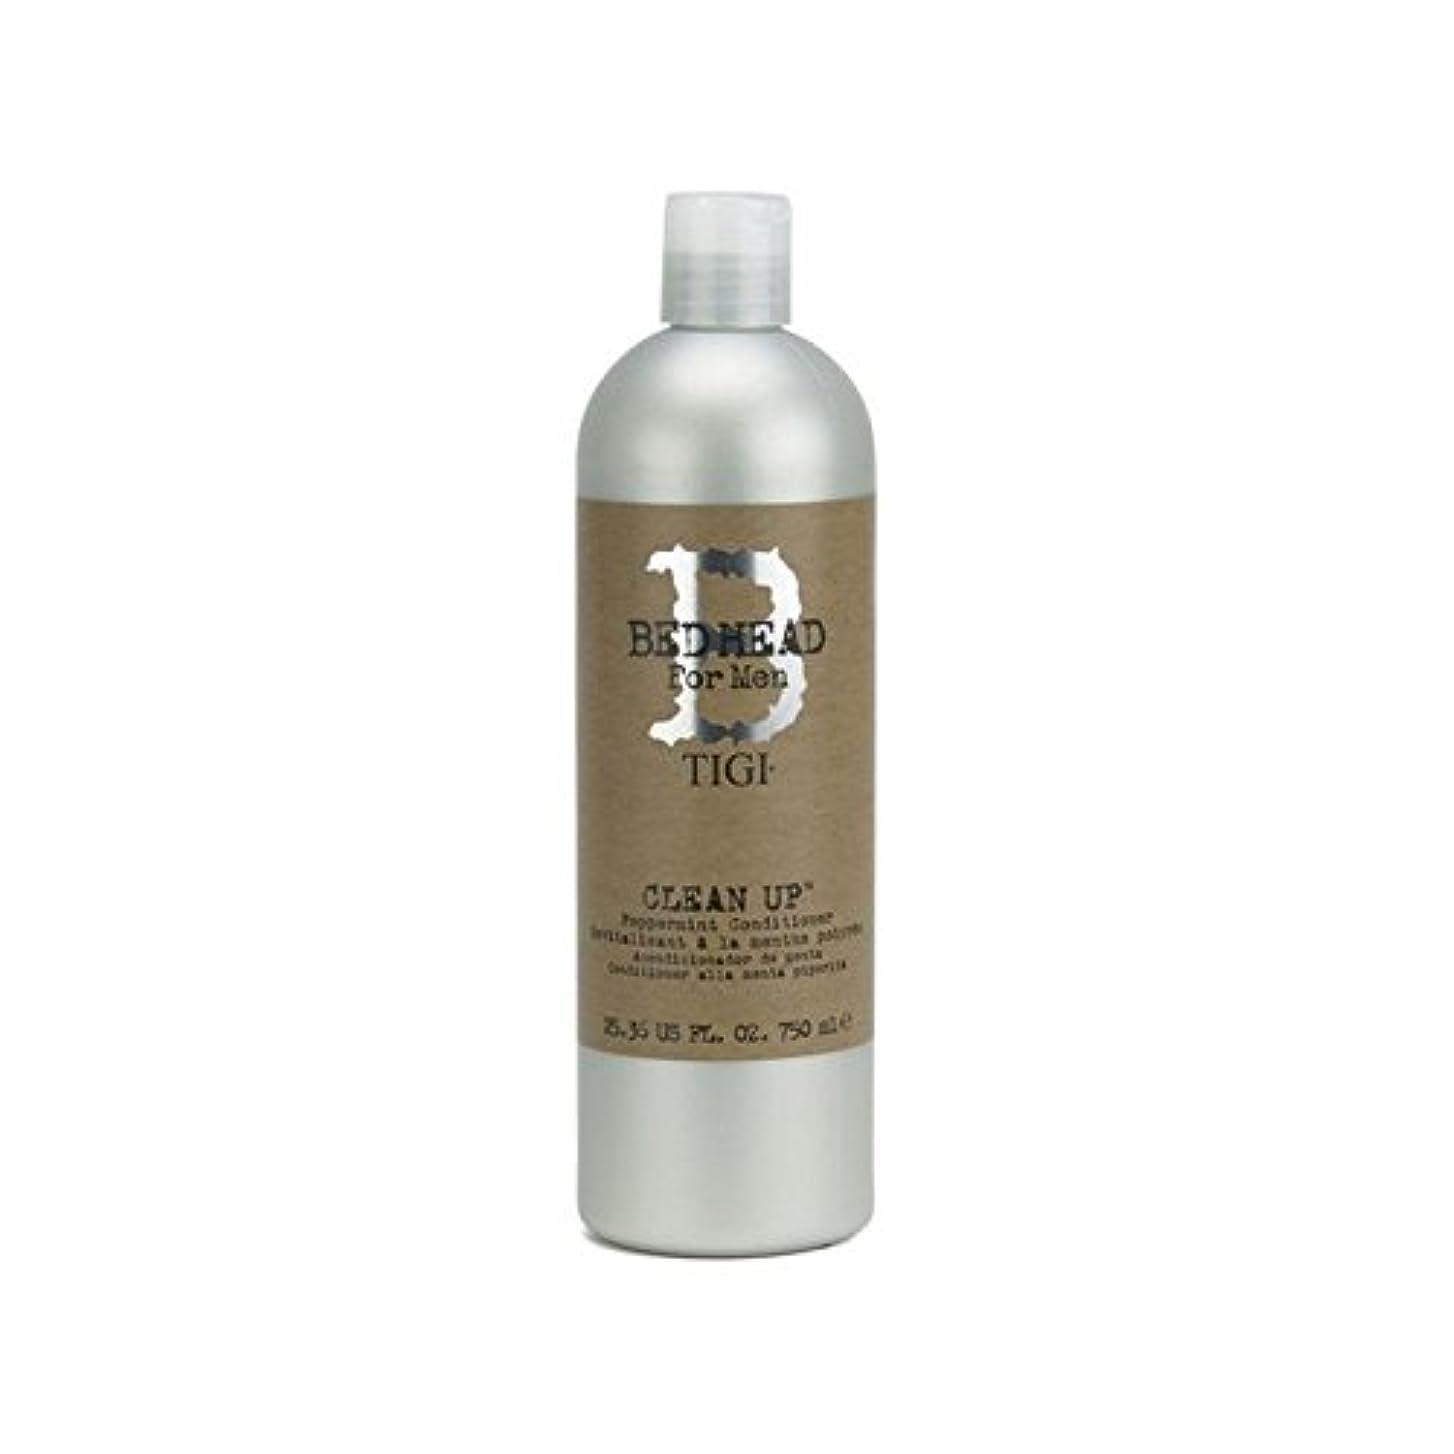 ファイナンス政令ママTigi Bed Head For Men Clean Up Peppermint Conditioner (750ml) - ペパーミントコンディショナーをクリーンアップする男性のためのティジーベッドヘッド(750ミリリットル...